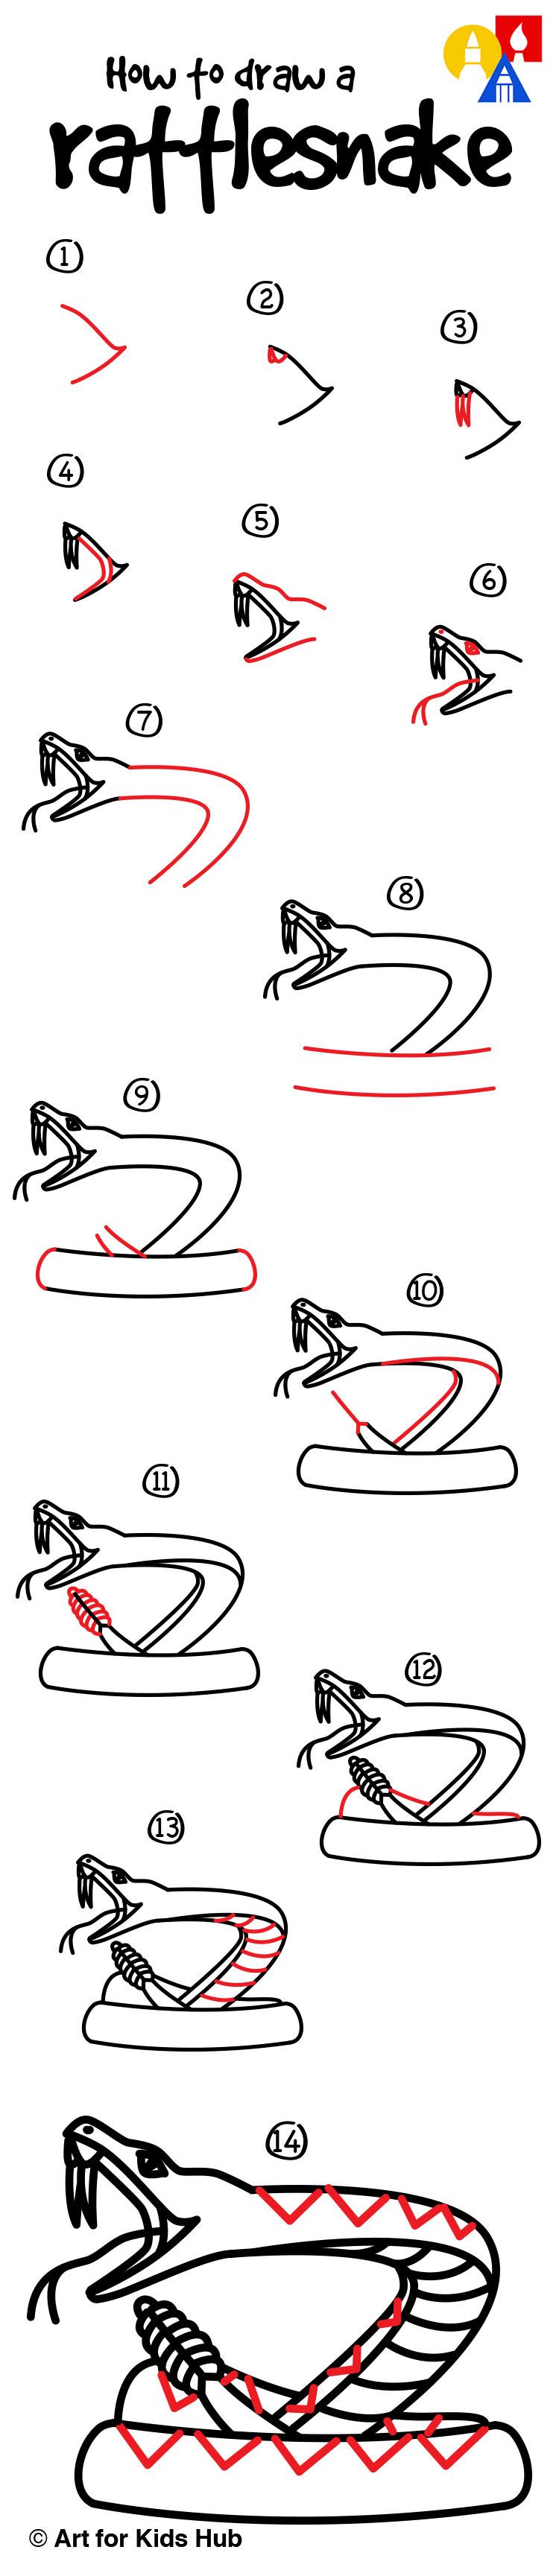 How To Draw A Rattlesnake Art For Kids Hub Art For Kids Hub Art For Kids Draw